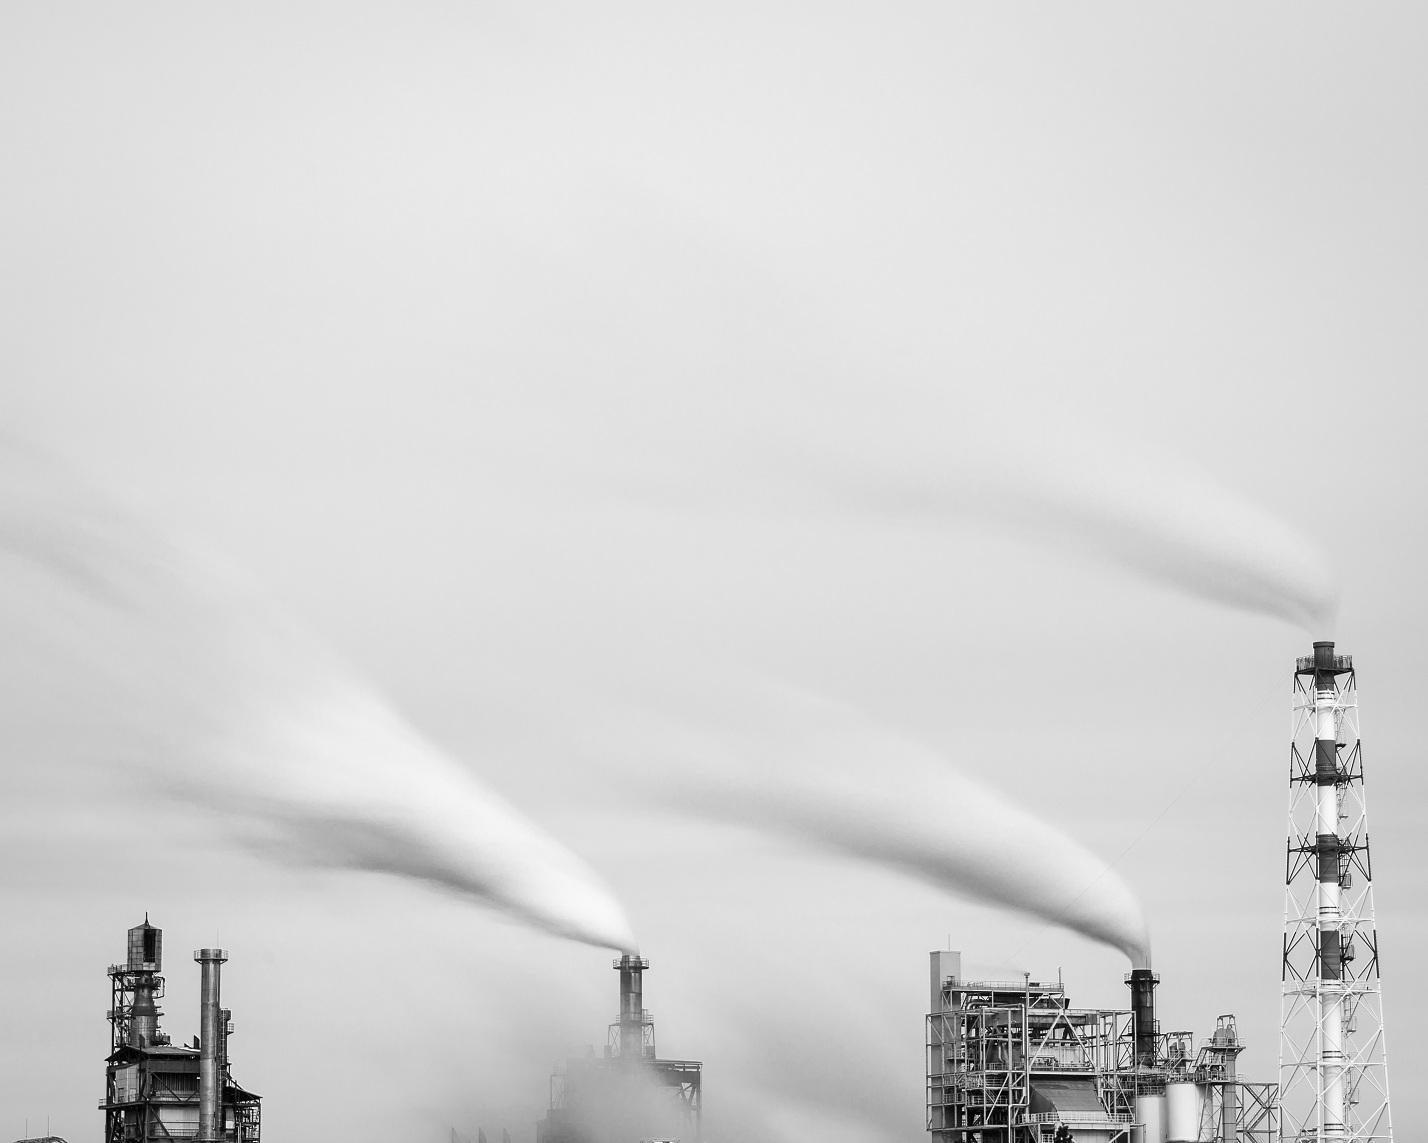 smoketowers810.jpg